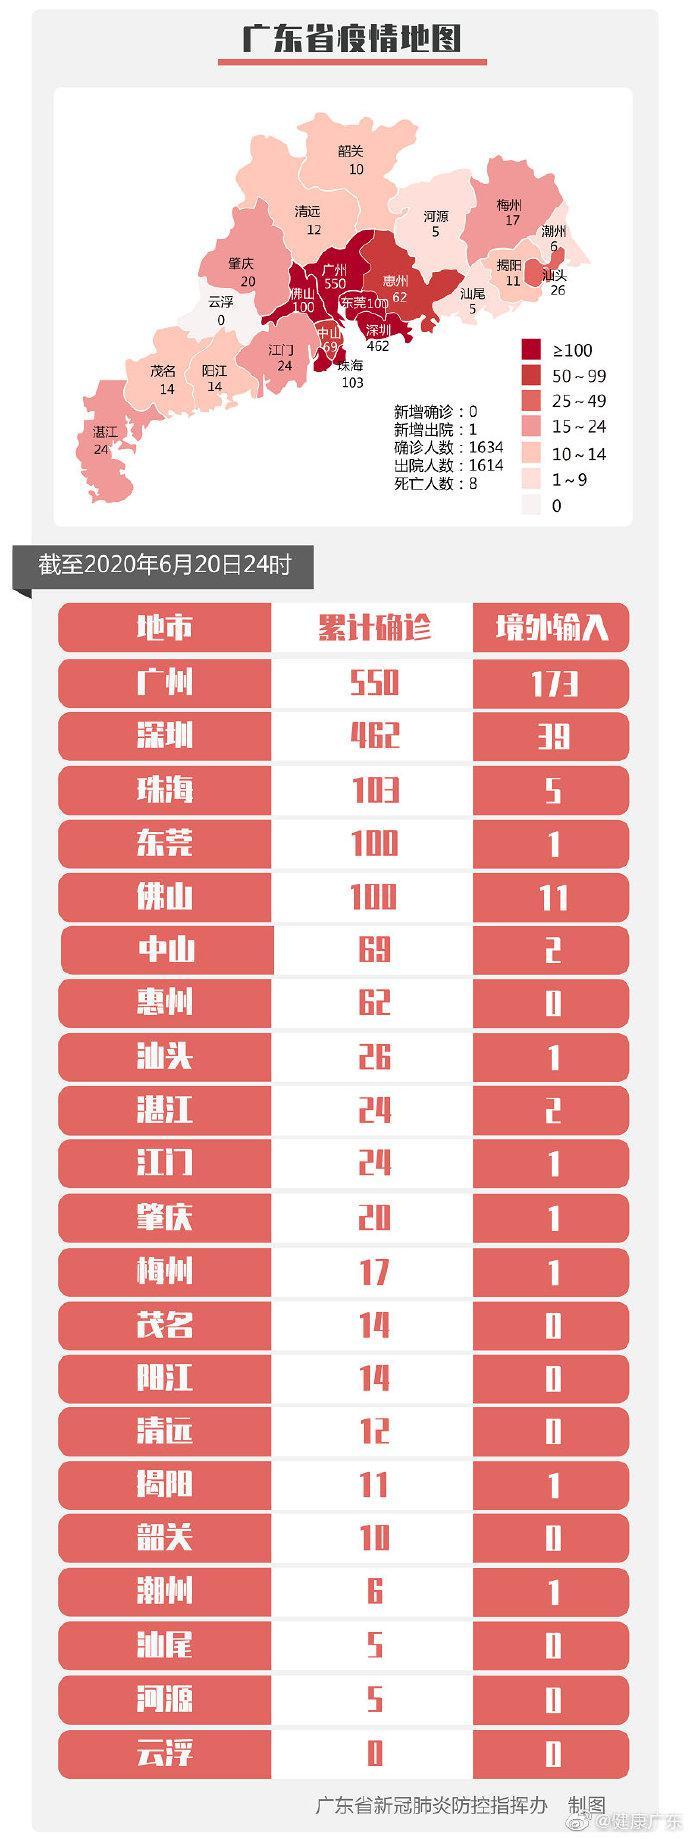 「天富官网」0日天富官网广东全省无新增确诊病例图片